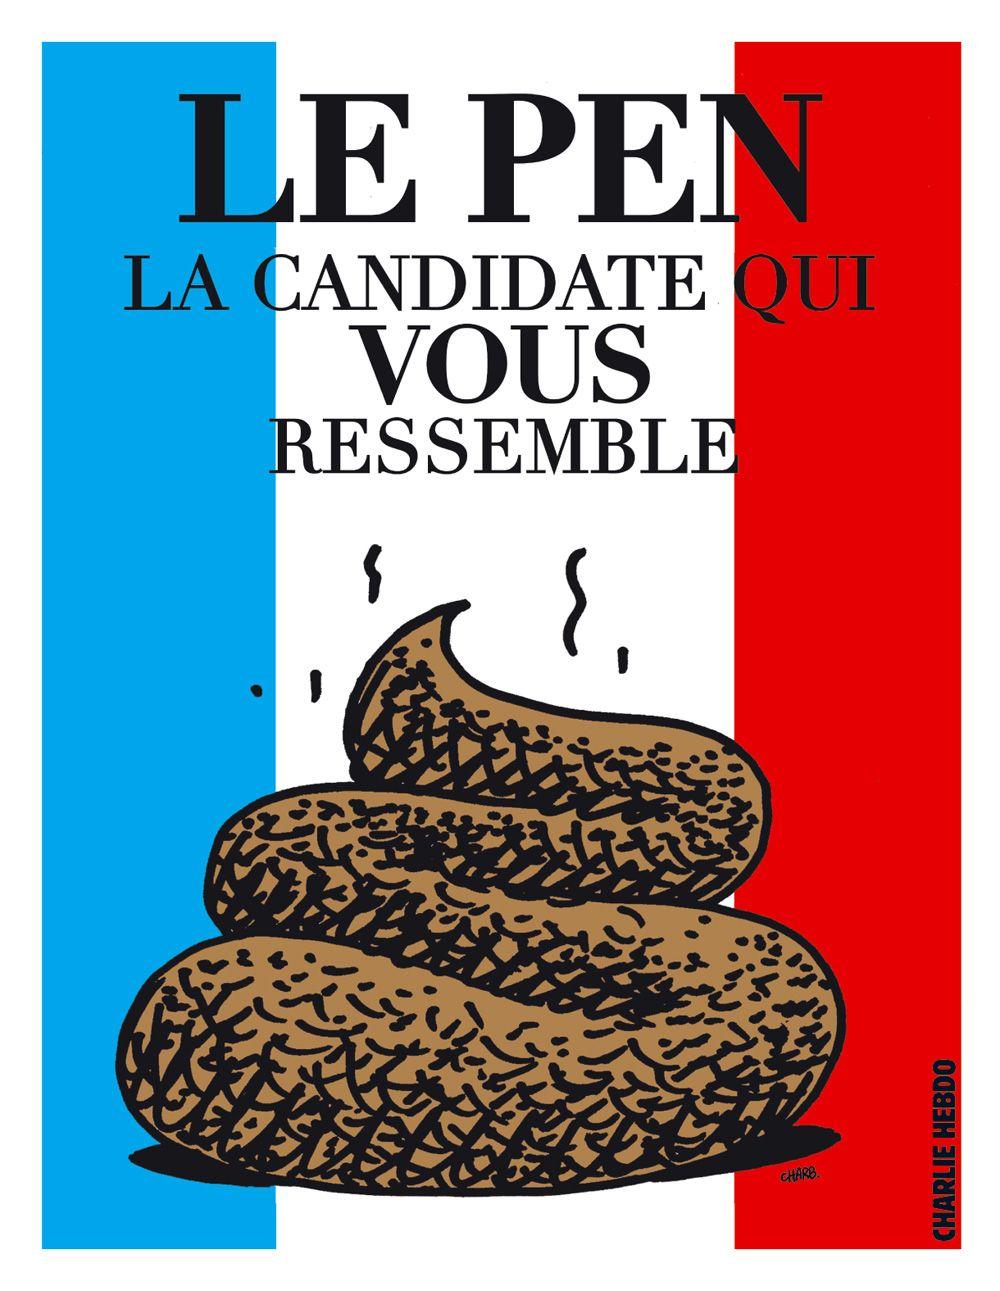 Марін Ле Пен відправили на психіатричну експертизу - Цензор.НЕТ 7198